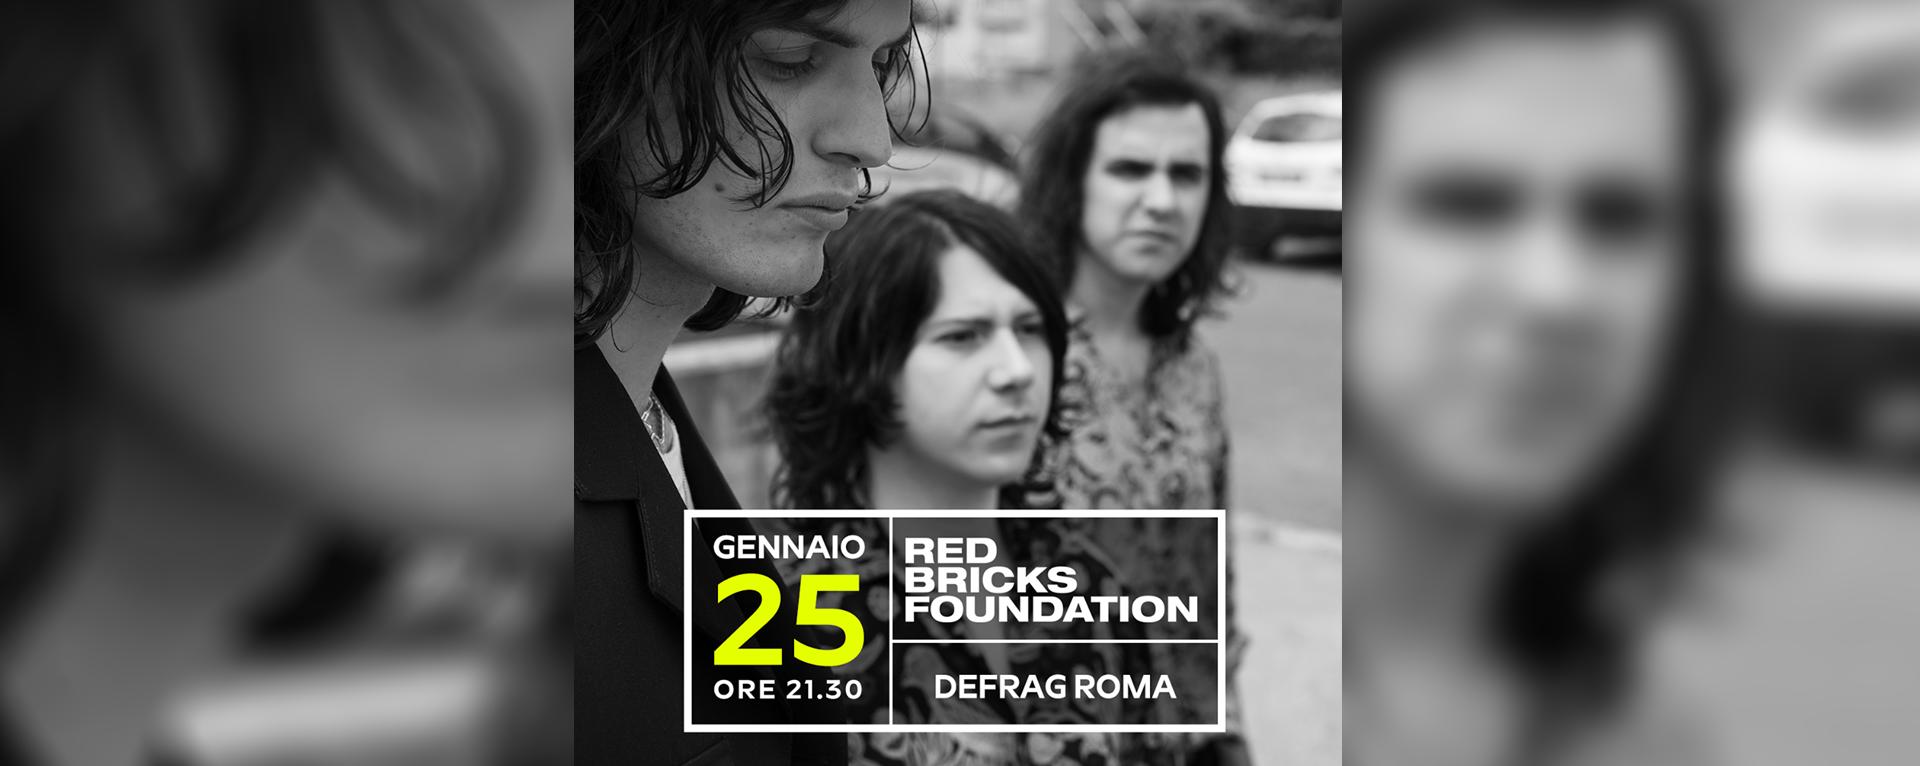 Red Bricks Foundation: il 25 Gennaio dal vivo al Defrag di Roma